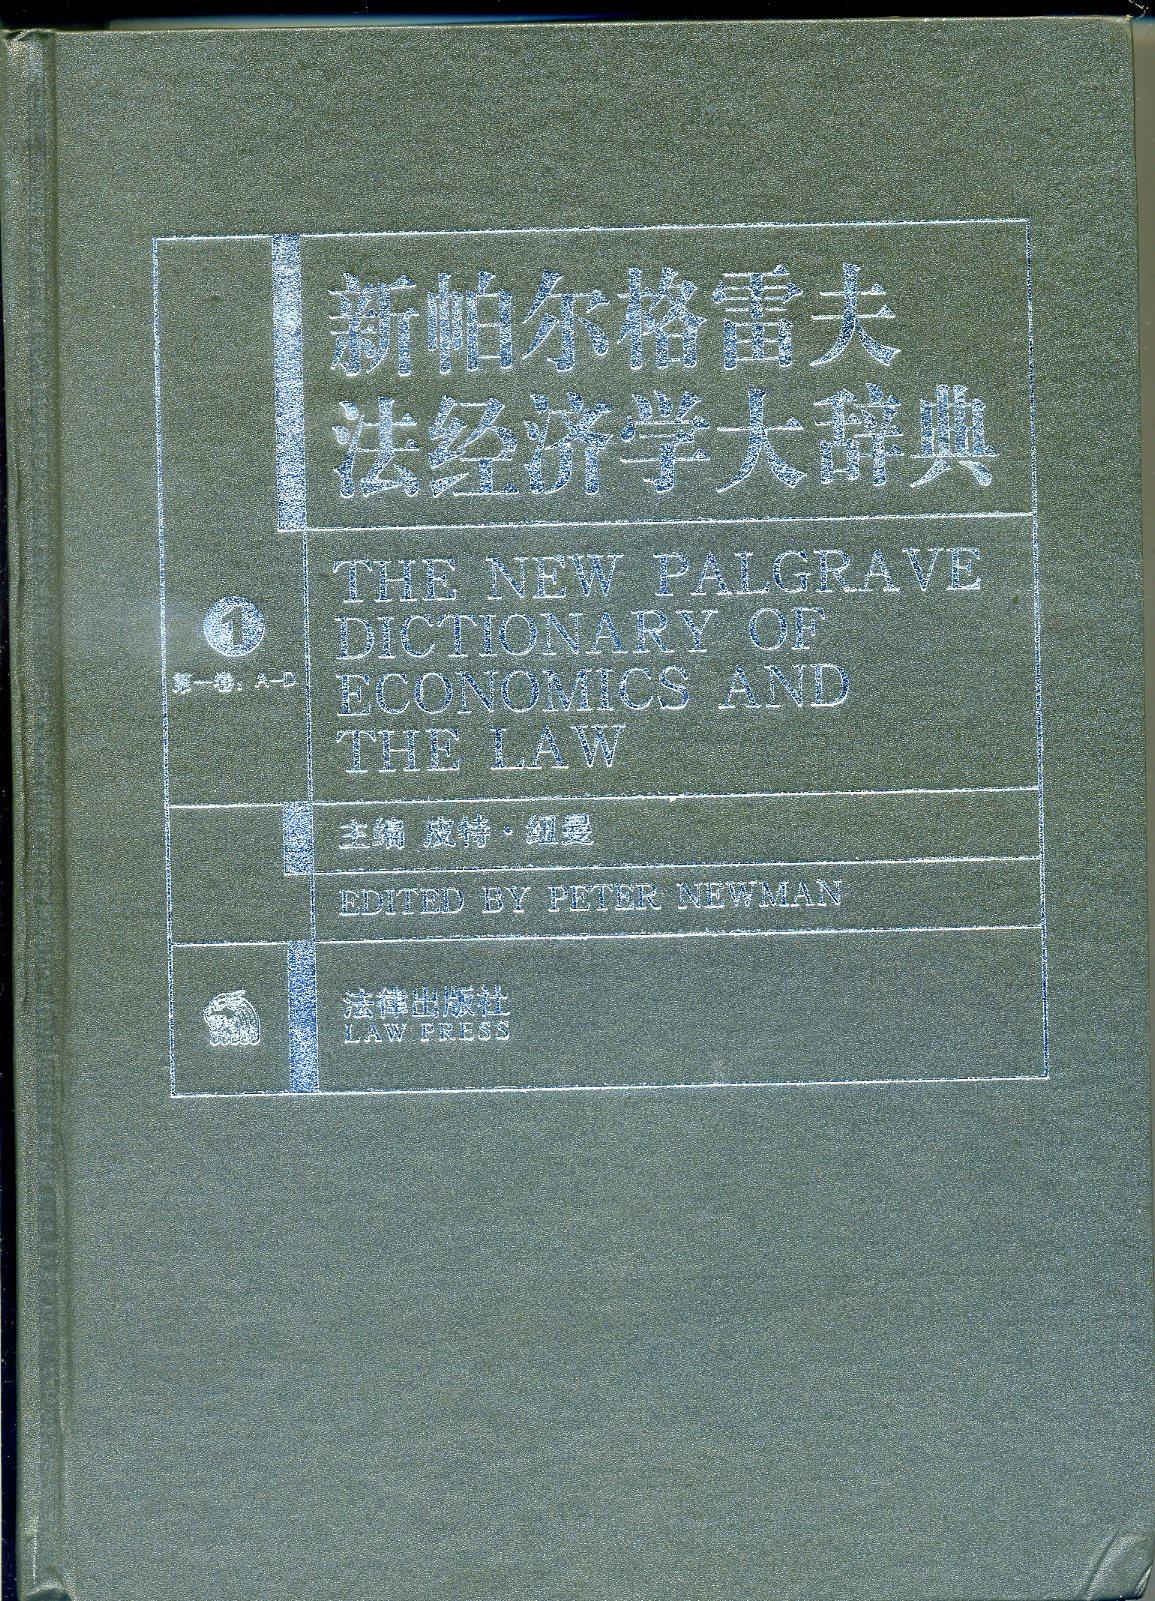 新帕尔格雷夫法经济学大辞典